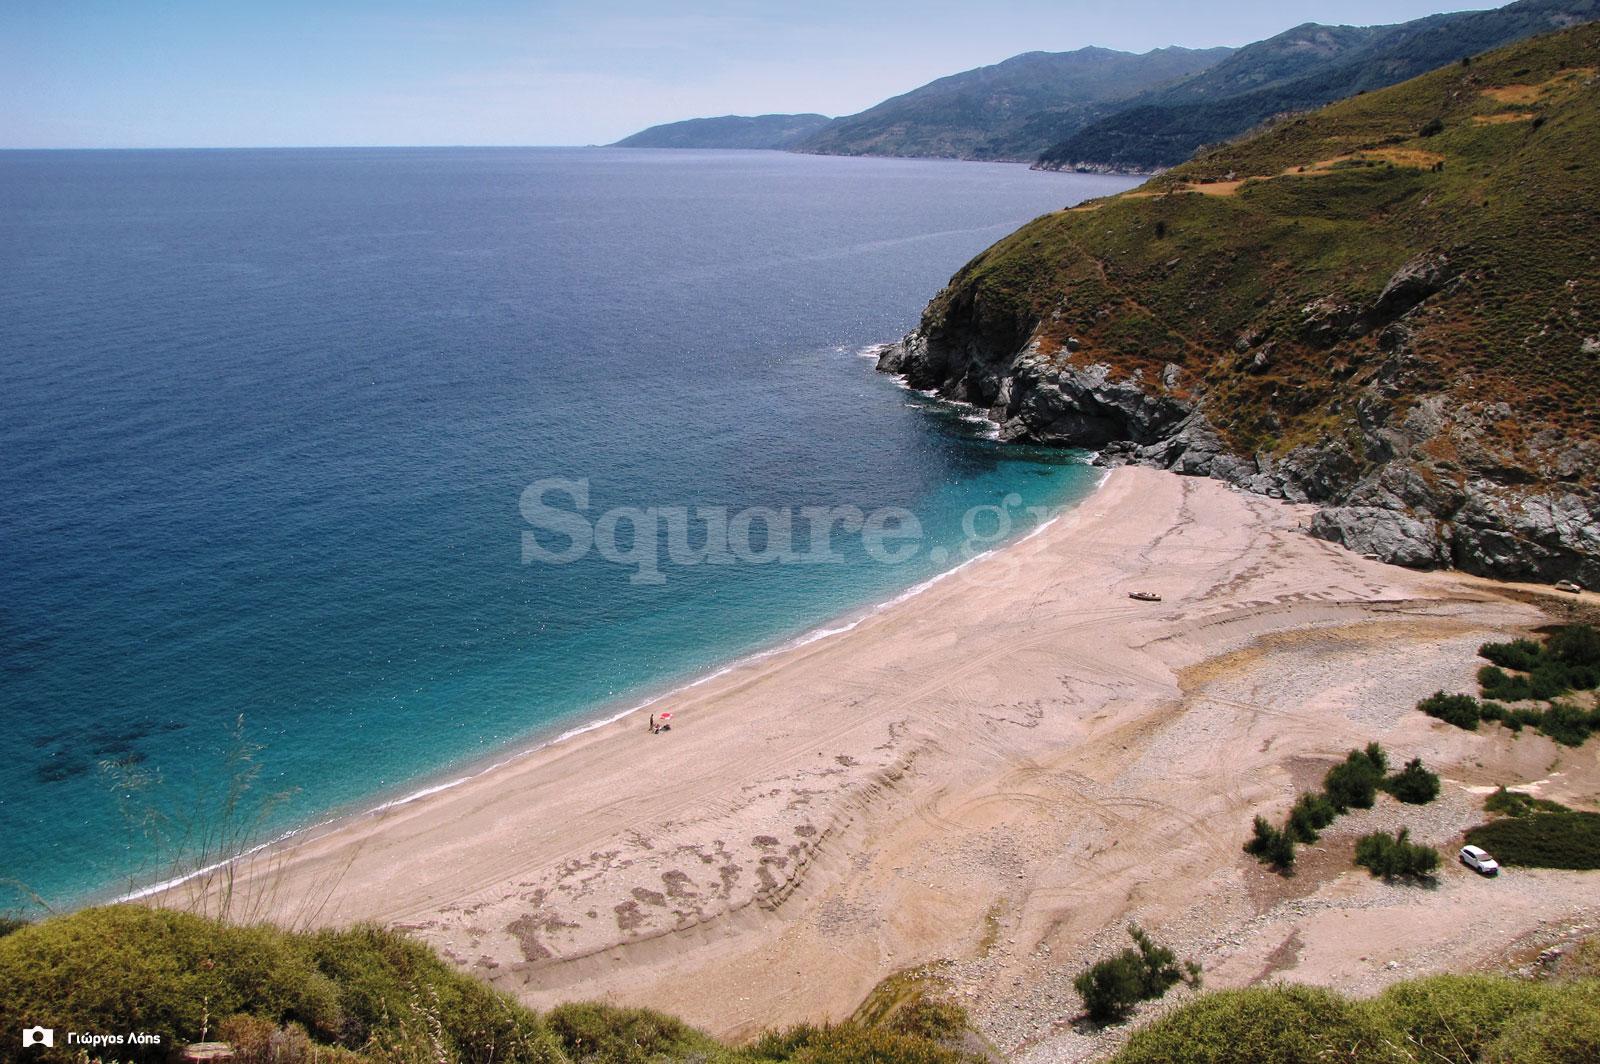 5-Η-ειδυλλιακή-παραλία--του-Λιμνιώνα-Γιαννιτσίου,-όπως-φαίνεται-από-τις-παρυφές-του-ακρωτηρίου-της-Φυλάγρας